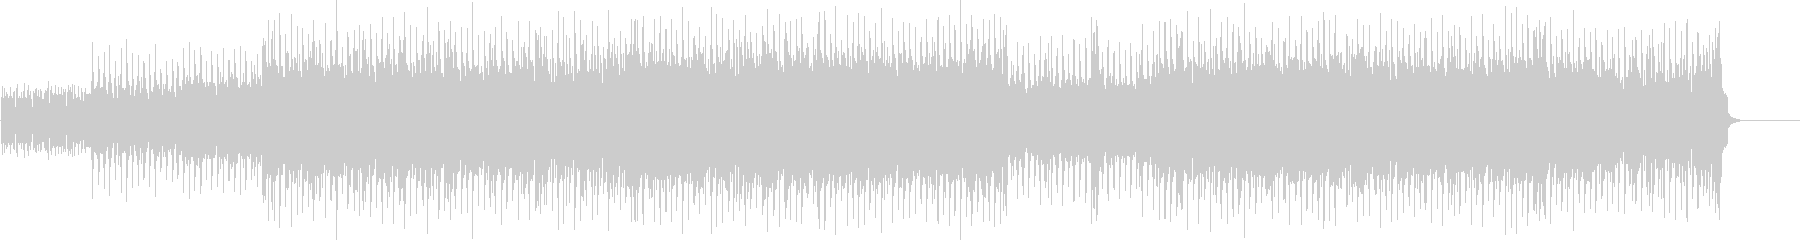 ハード・ポップ(ダンサブル!)の未再生の波形